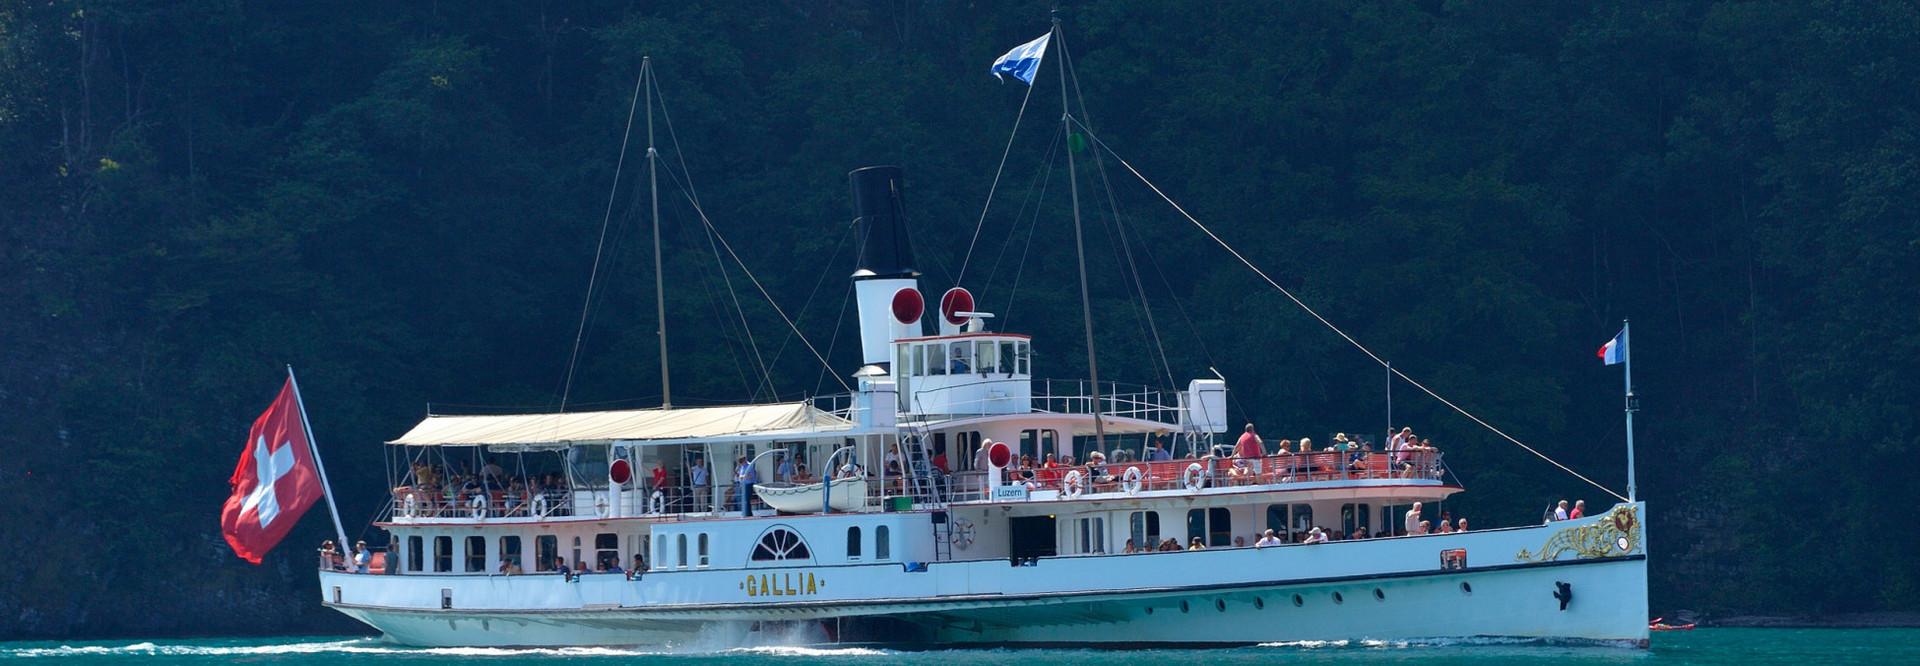 Dampfschiff Gallia in voller Fahrt vor einer grossen Felswand